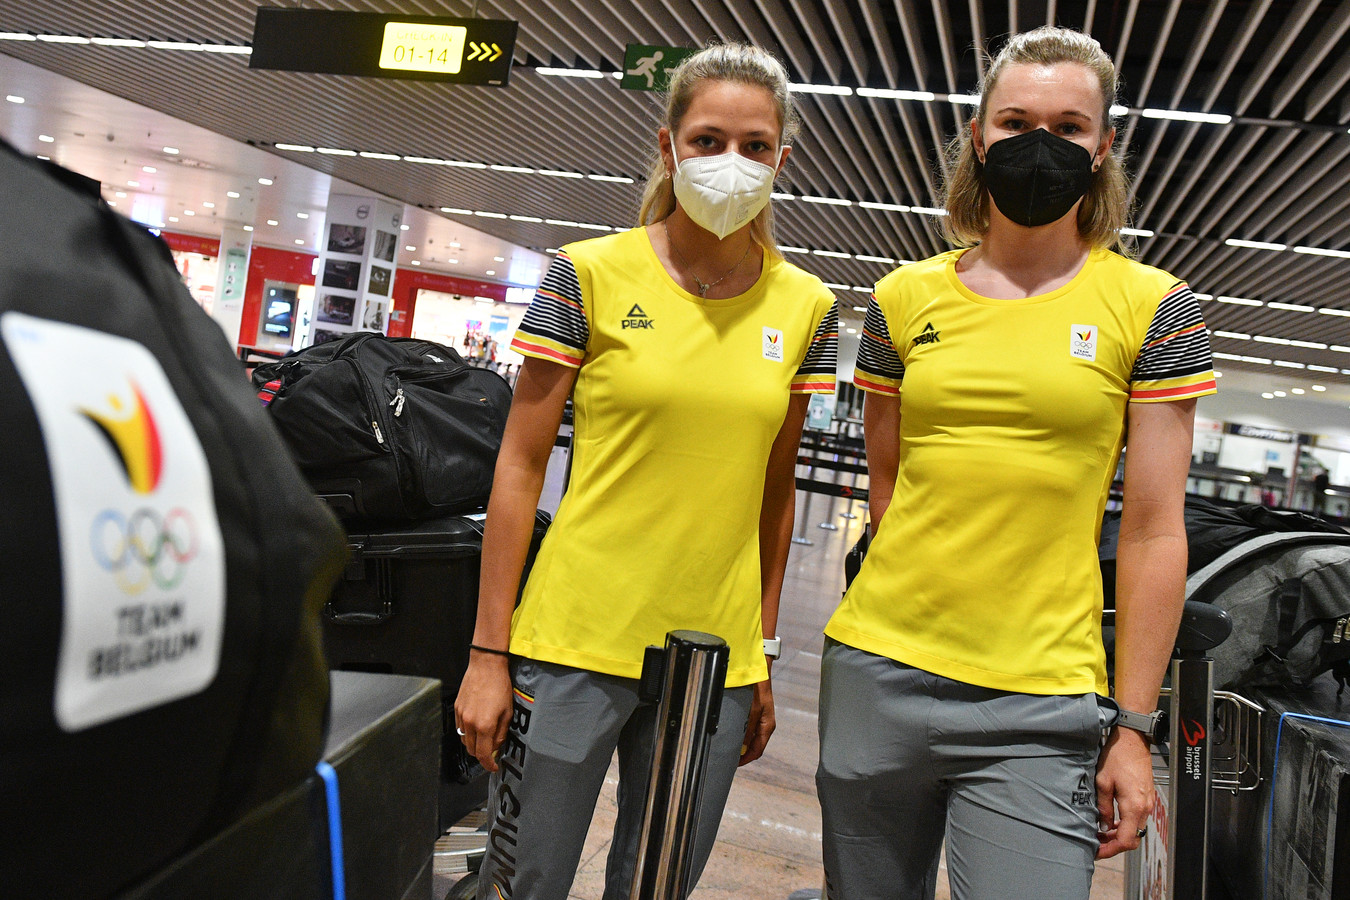 Shari Bossuyt en Jolien D'hoore zijn ook vertrokken naar Tokio.